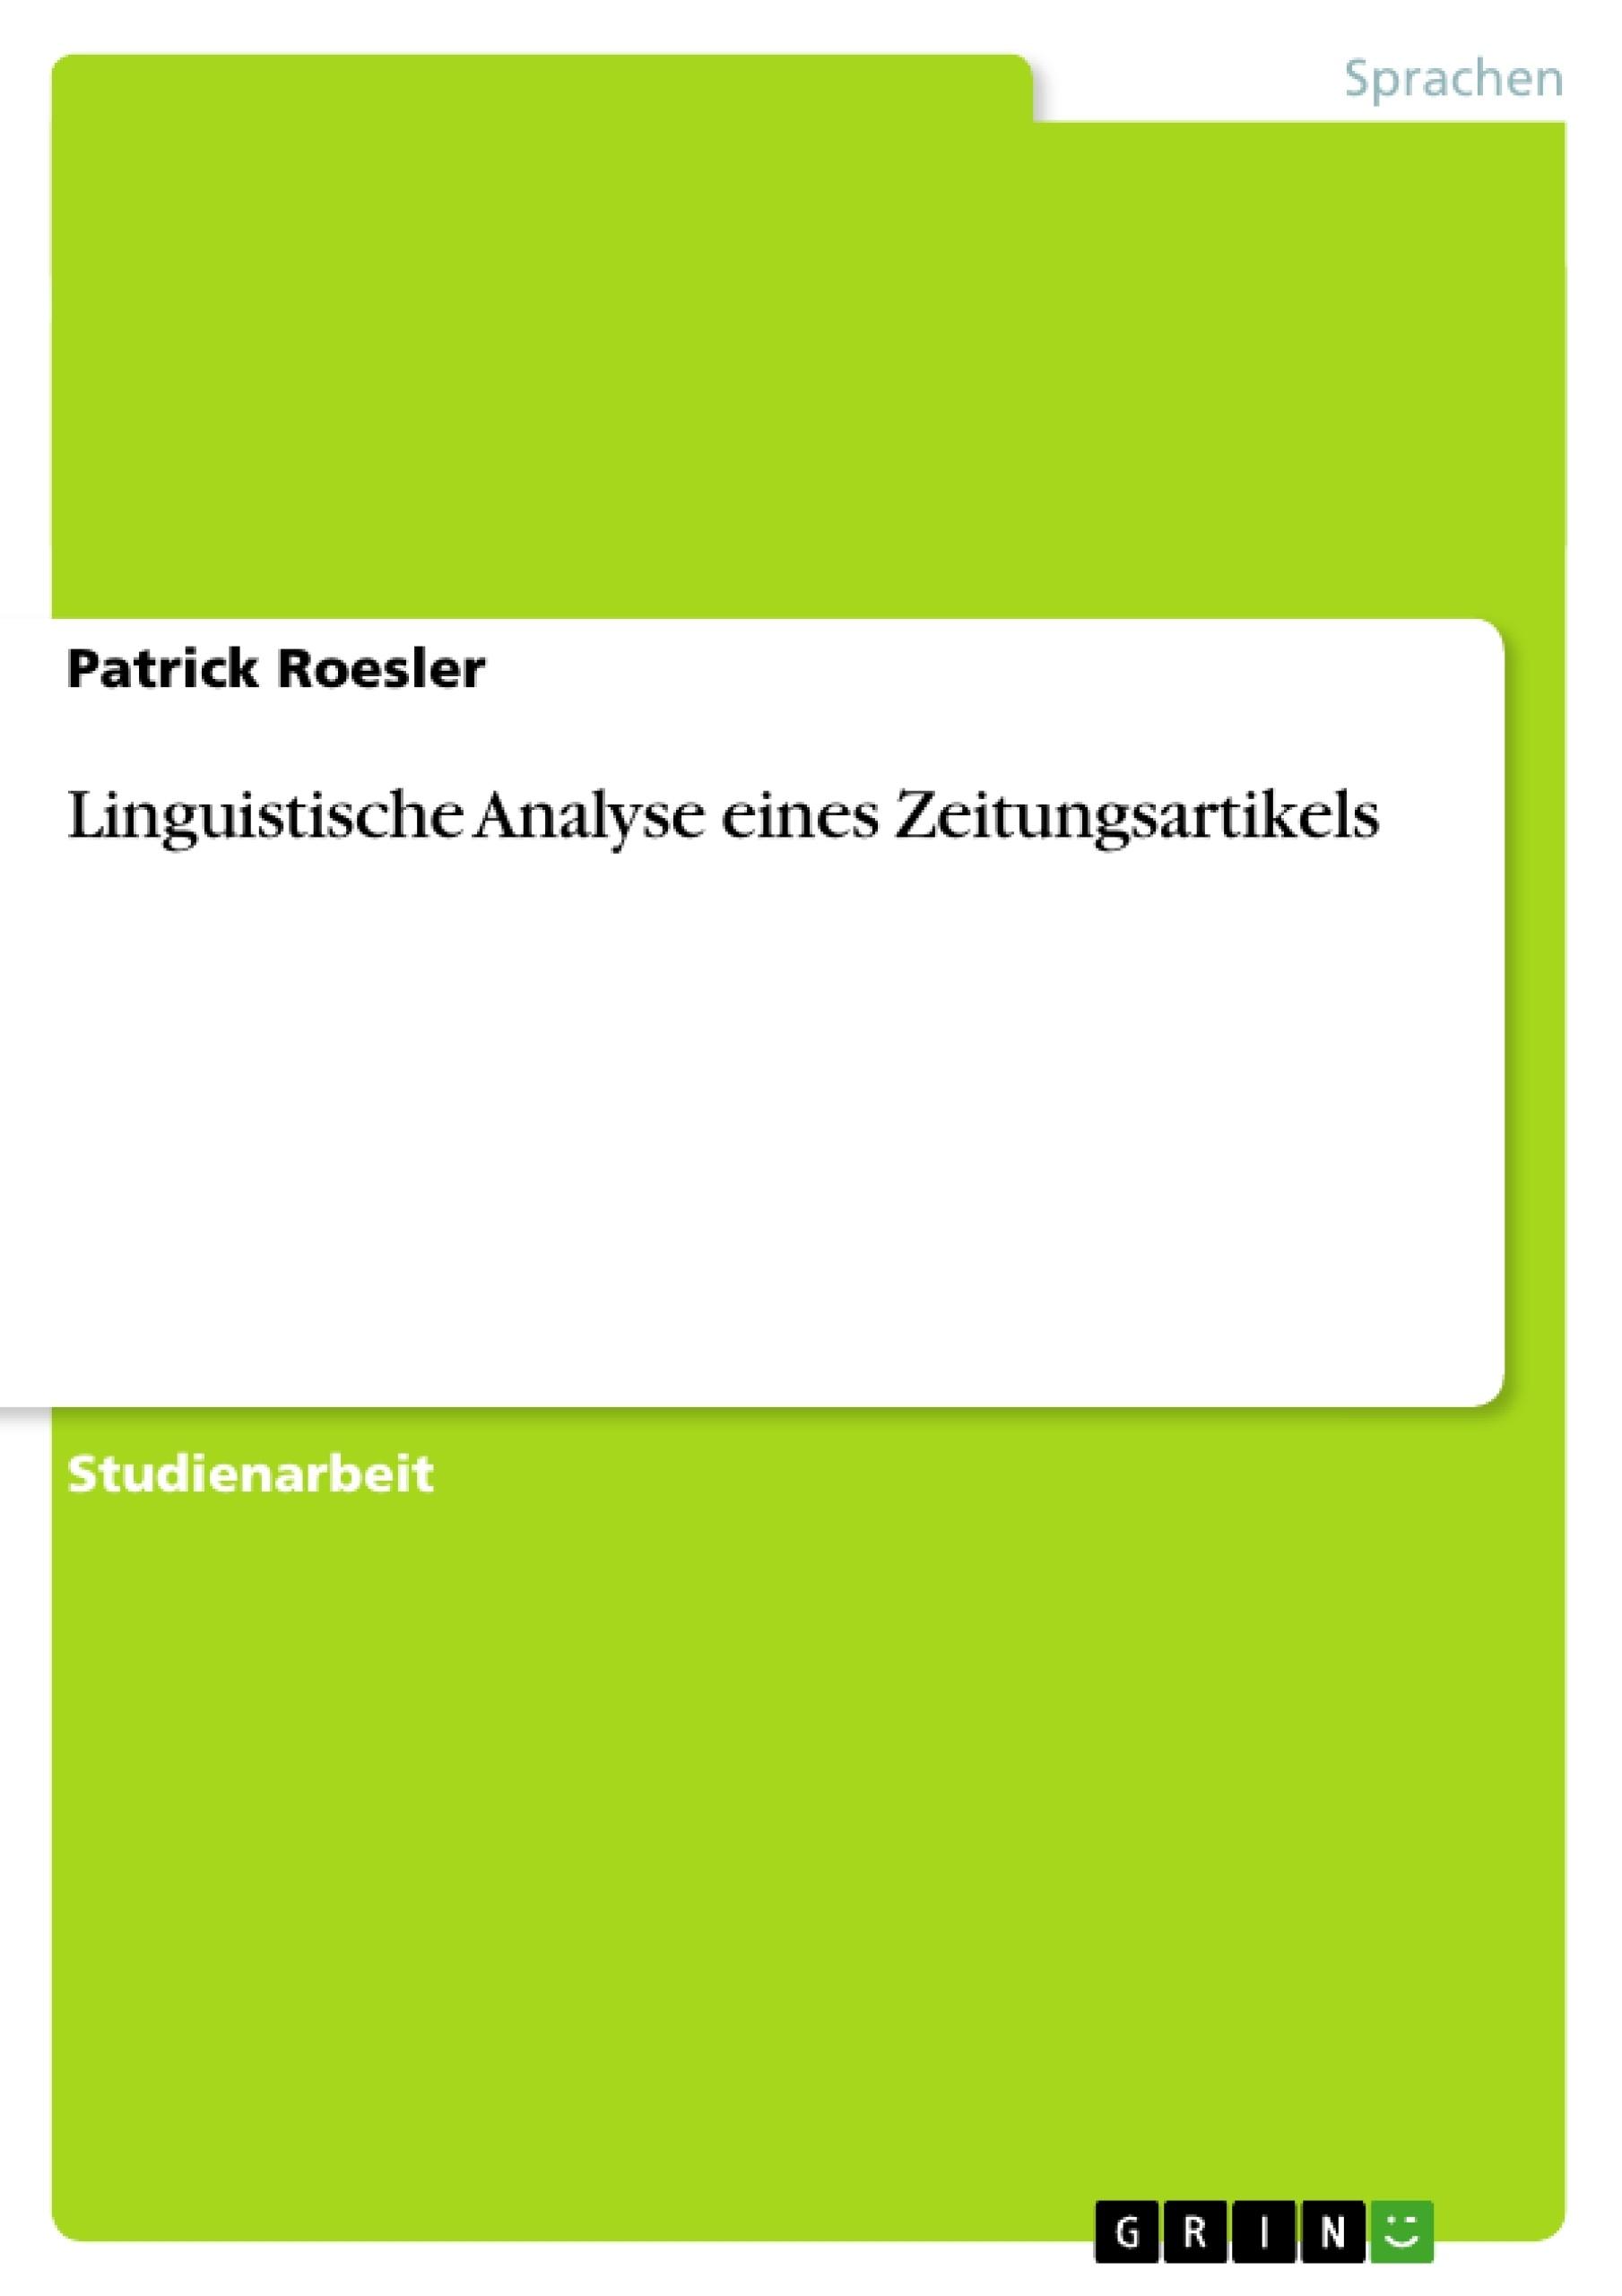 Titel: Linguistische Analyse eines Zeitungsartikels